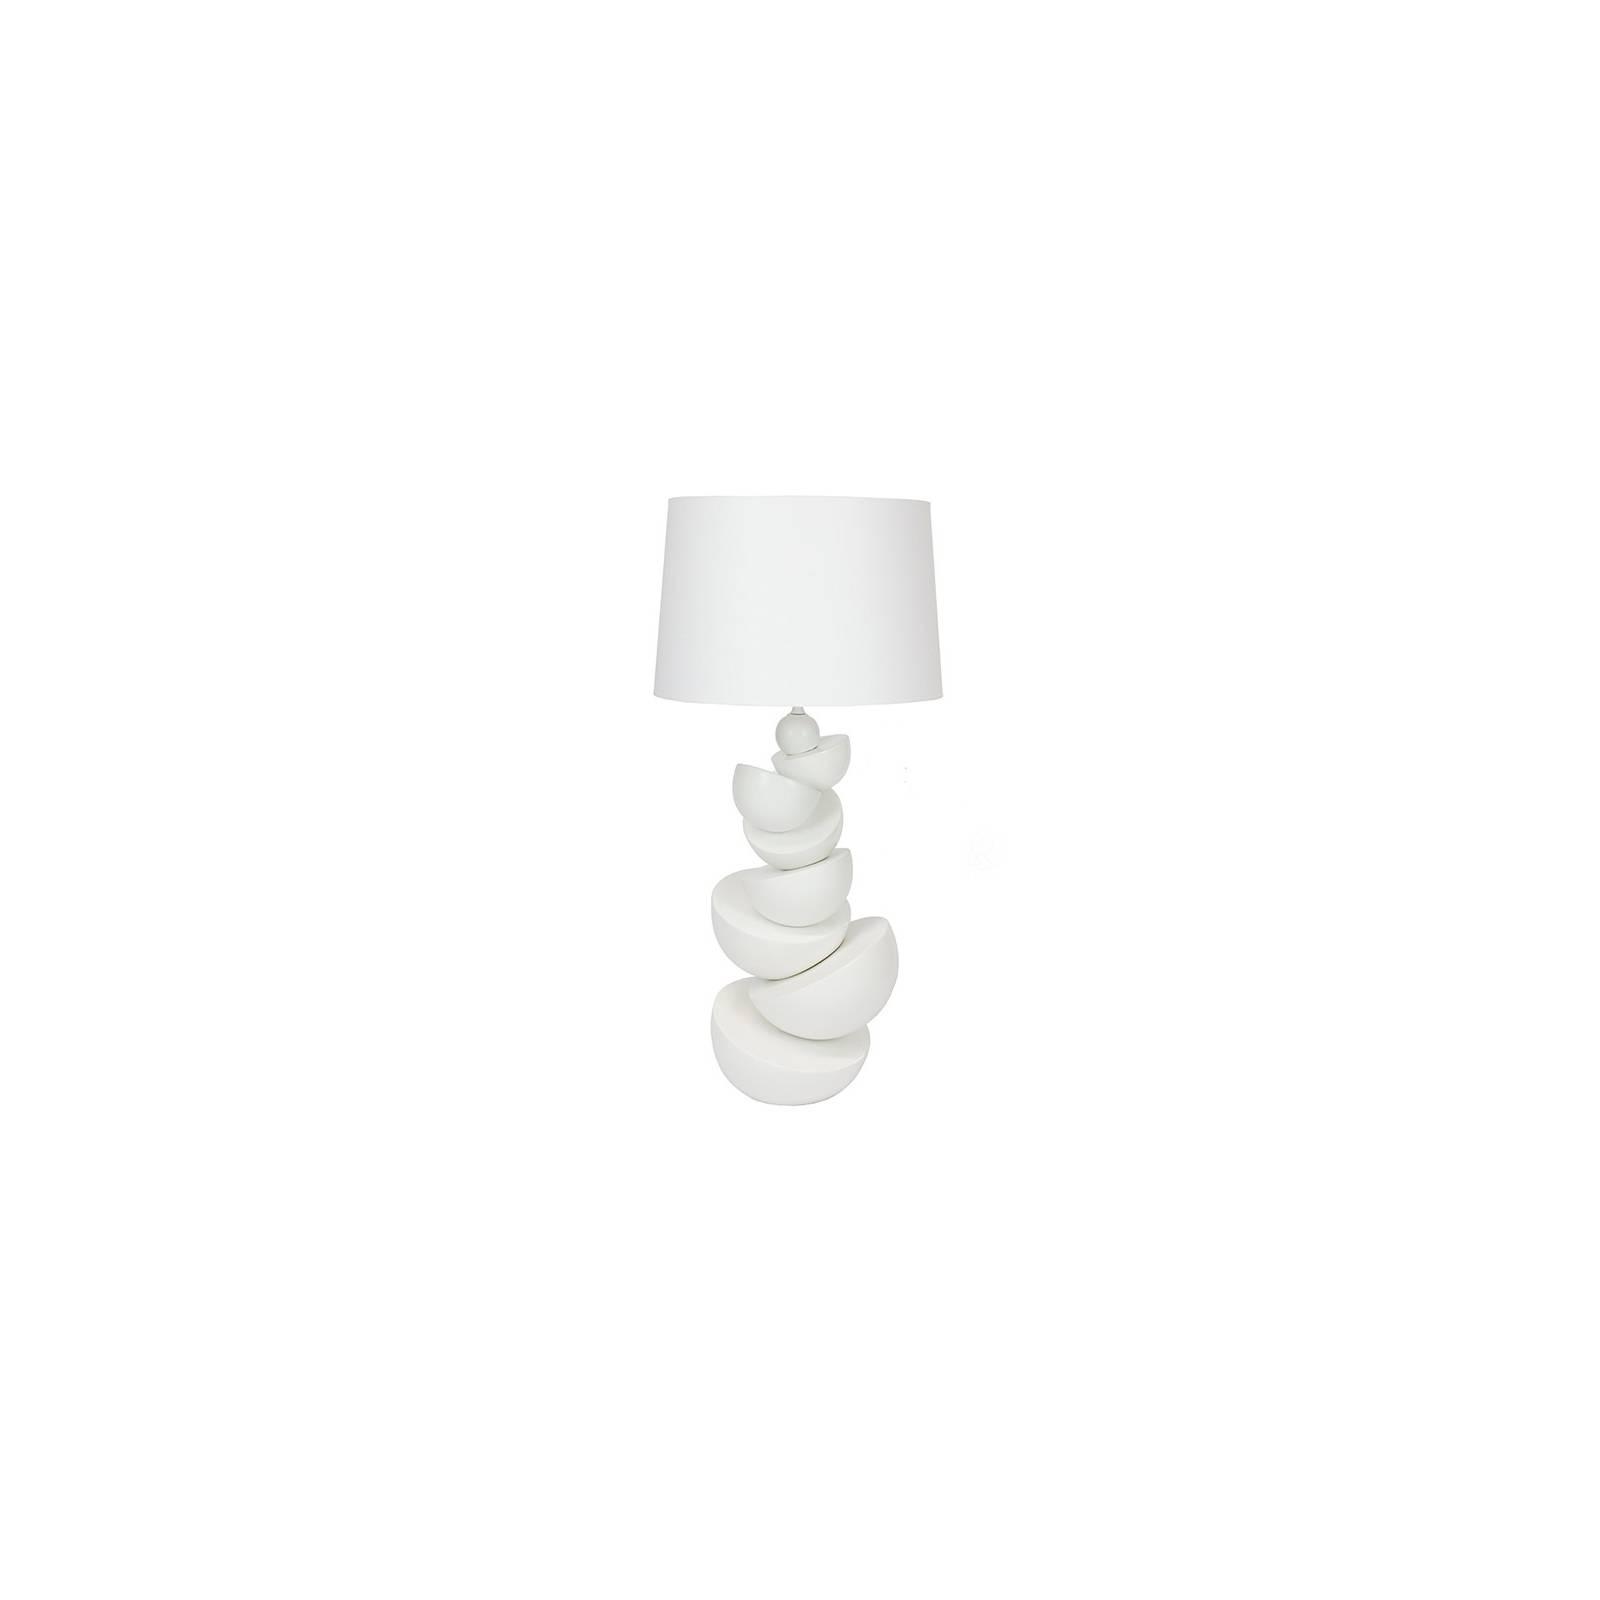 Lampe Bluemoon Blanche Céramique - déco design